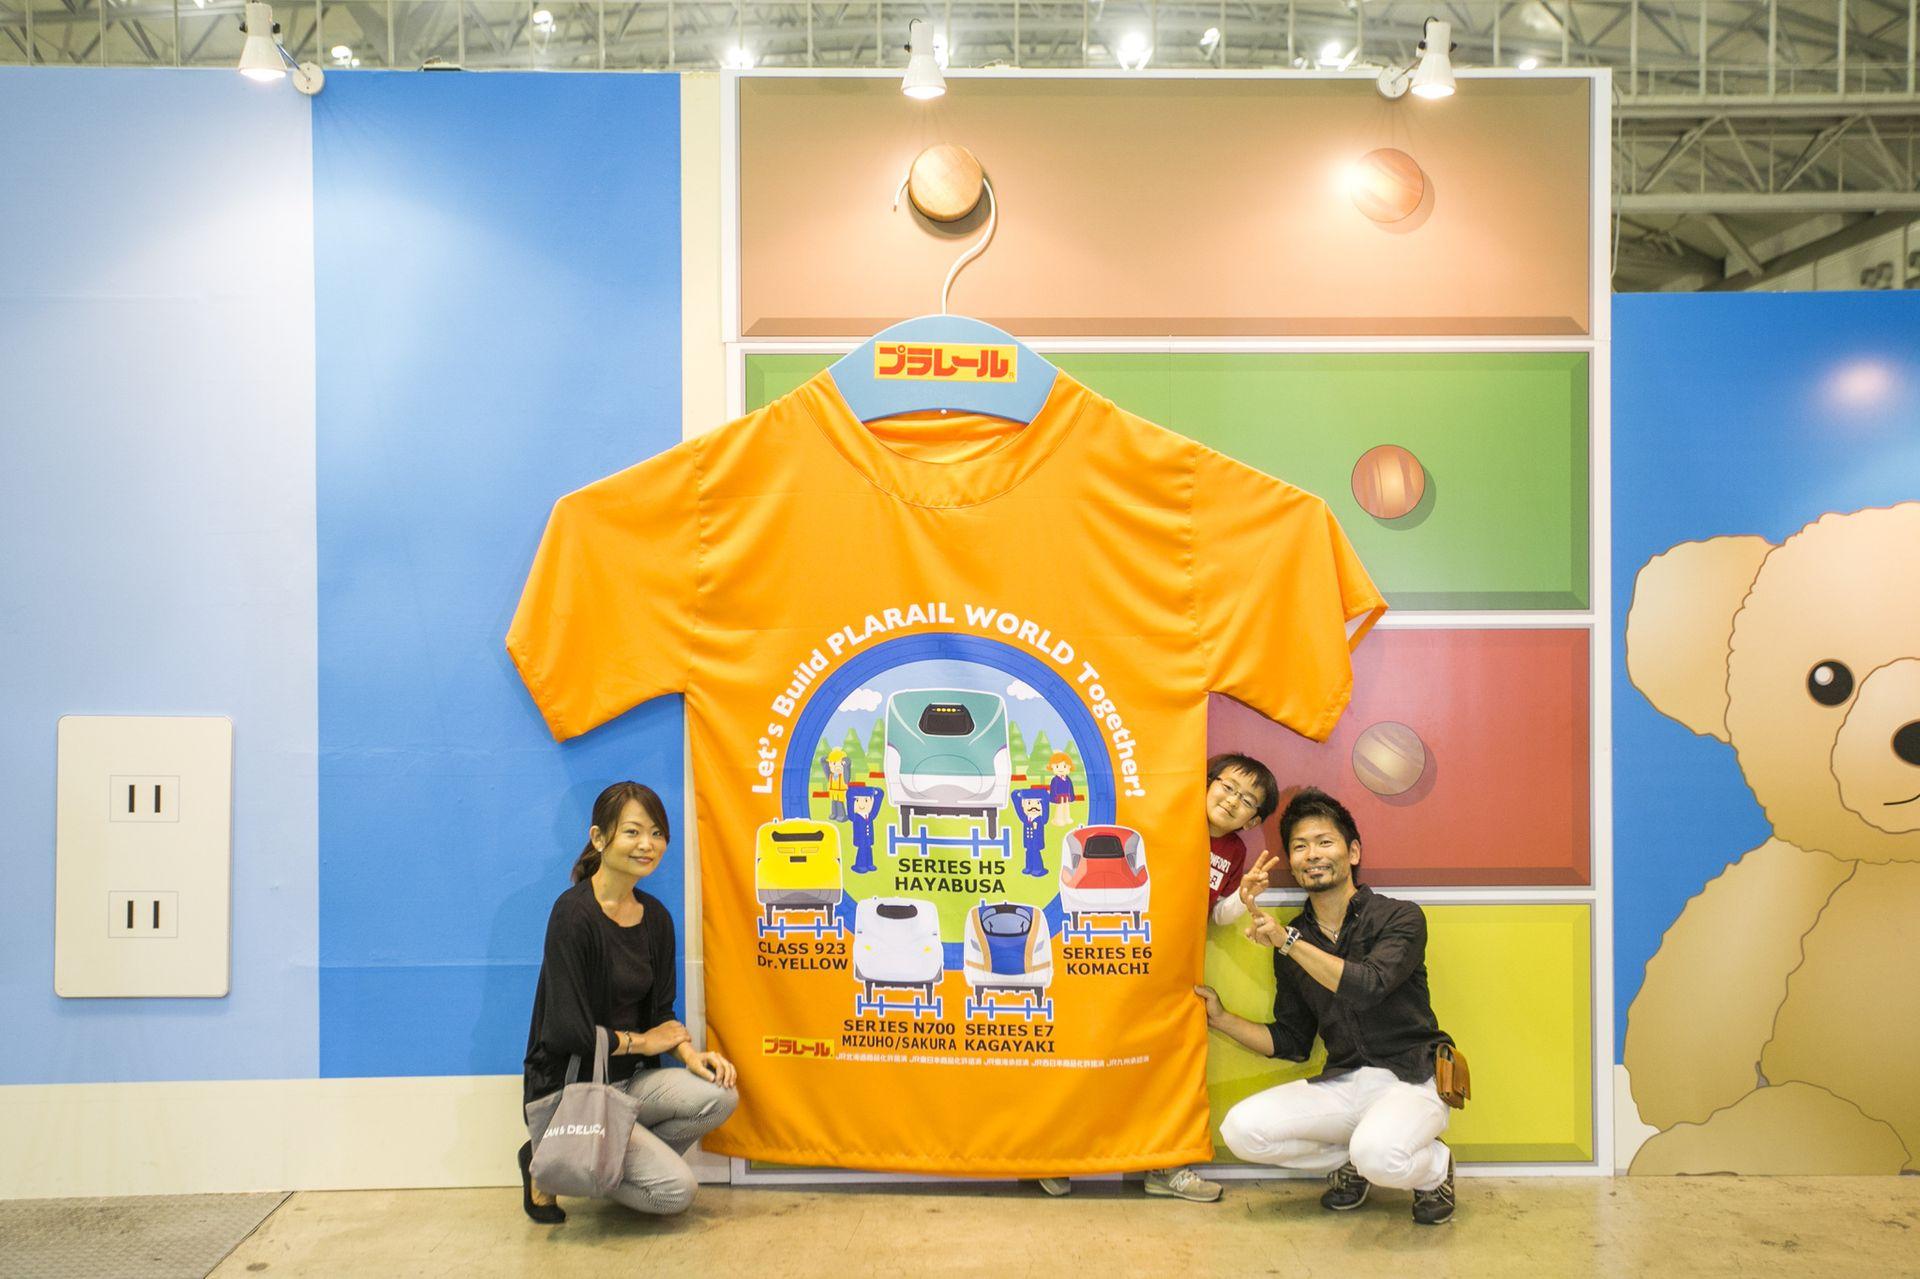 プラレールの巨大Tシャツと一緒に記念撮影しよう